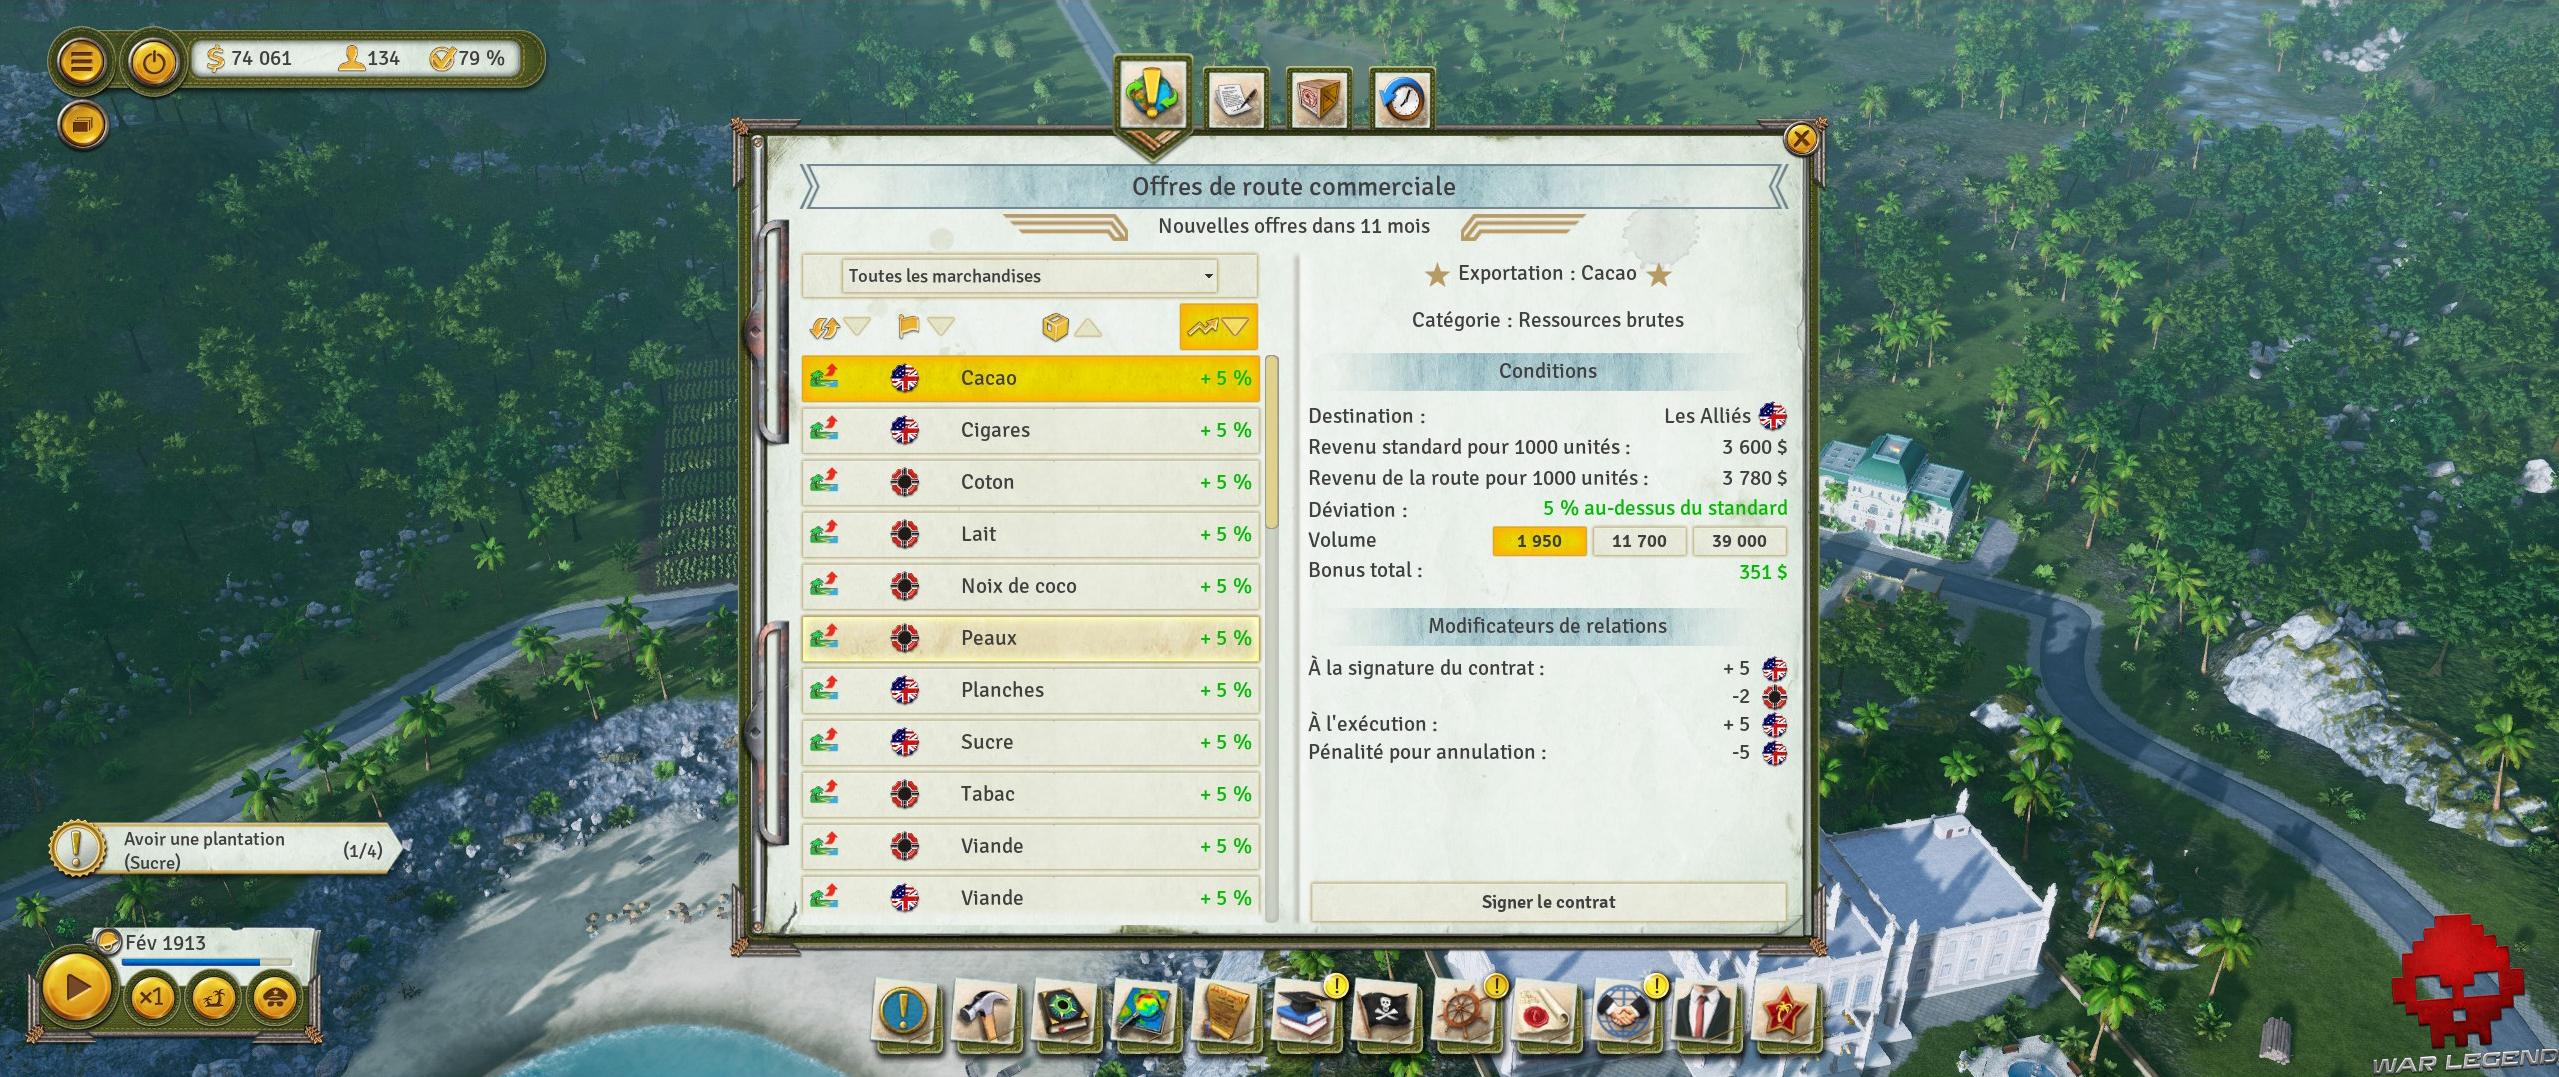 Test Tropico 6 exportations